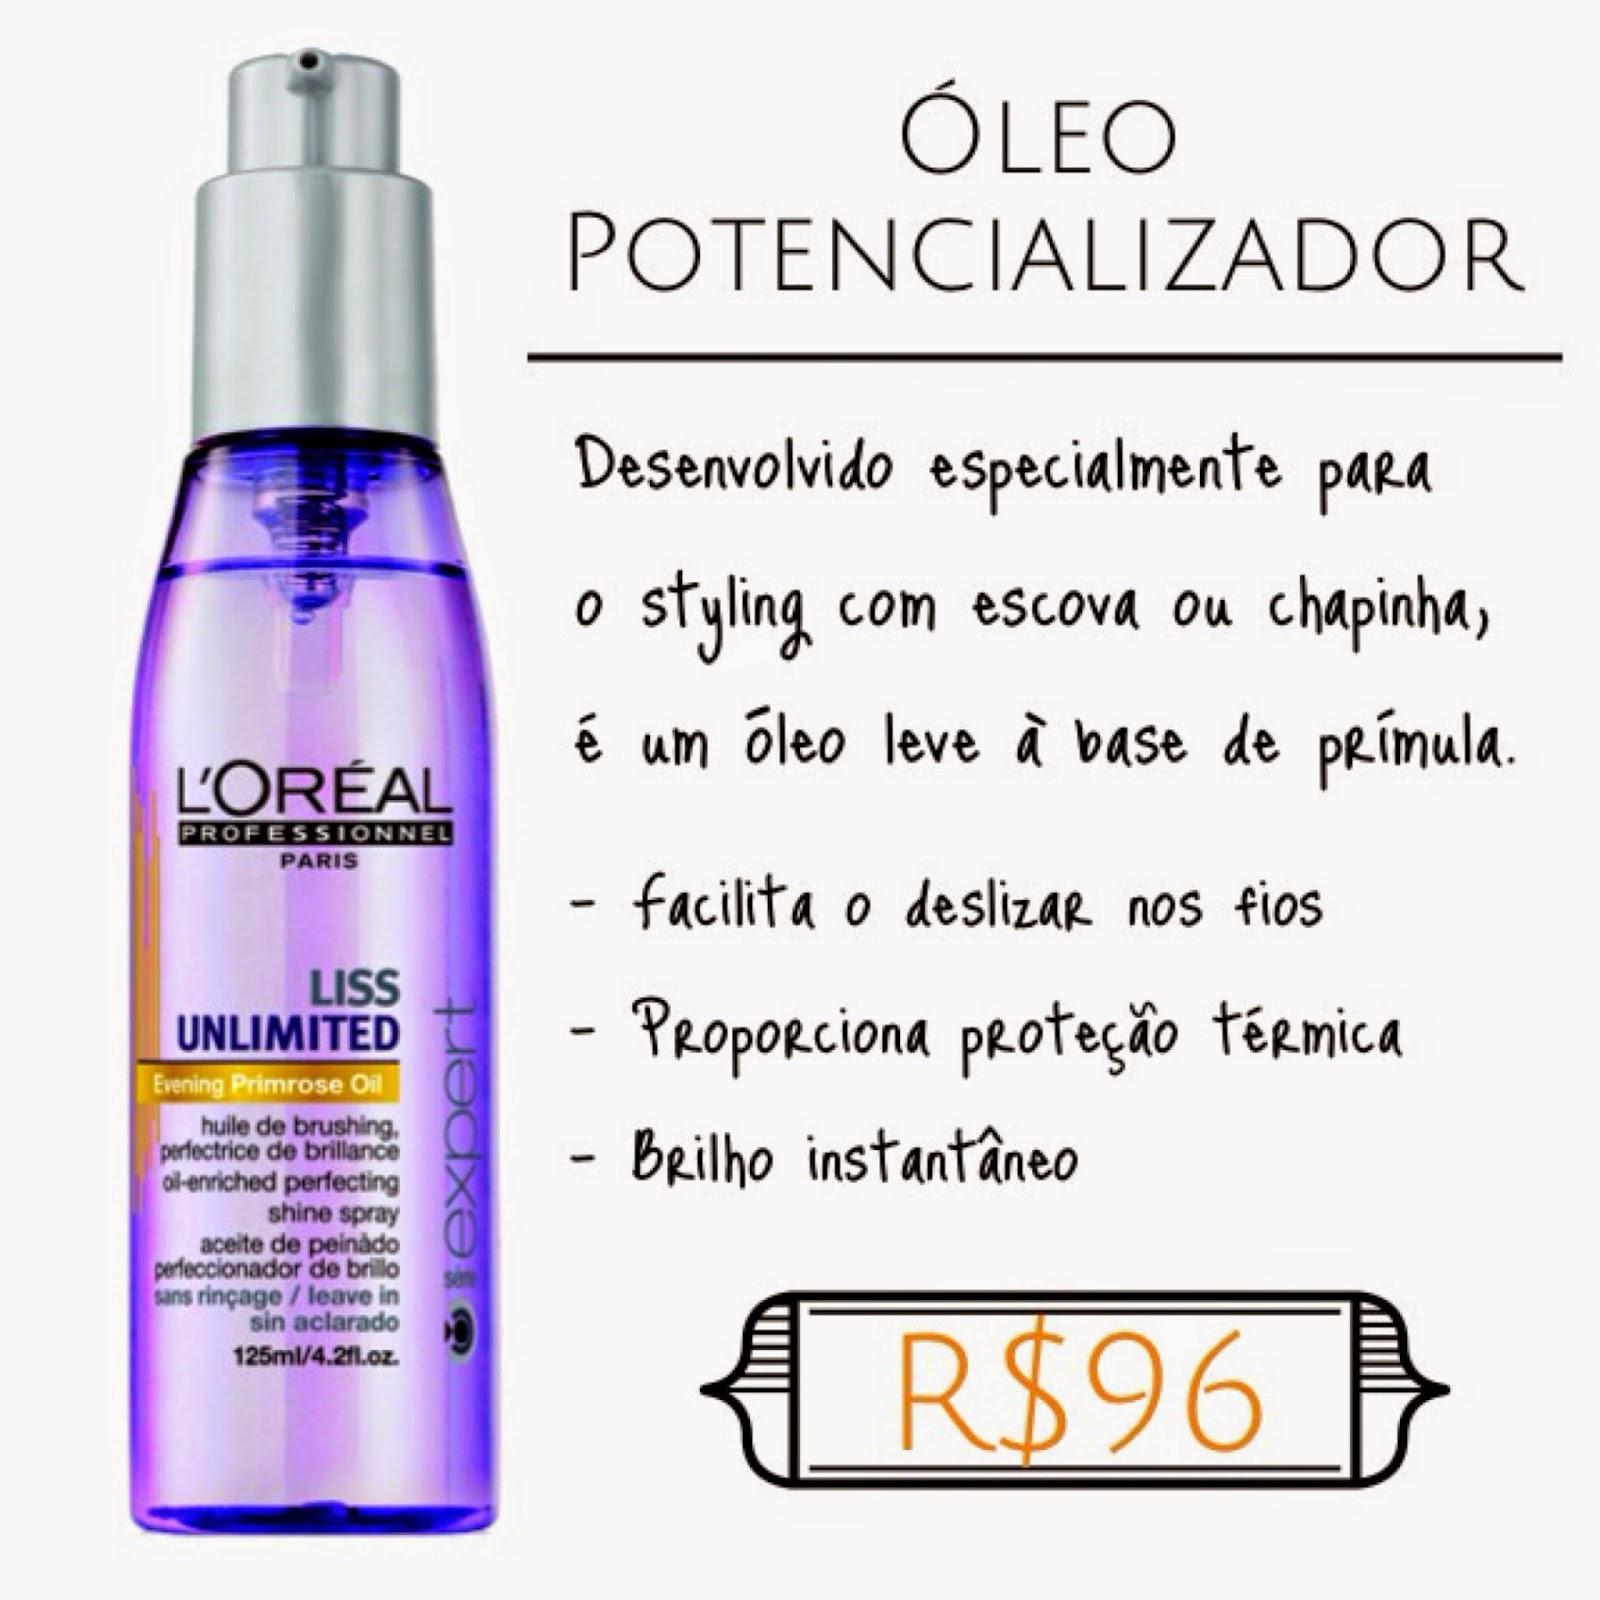 L'Oréal Profissionnel